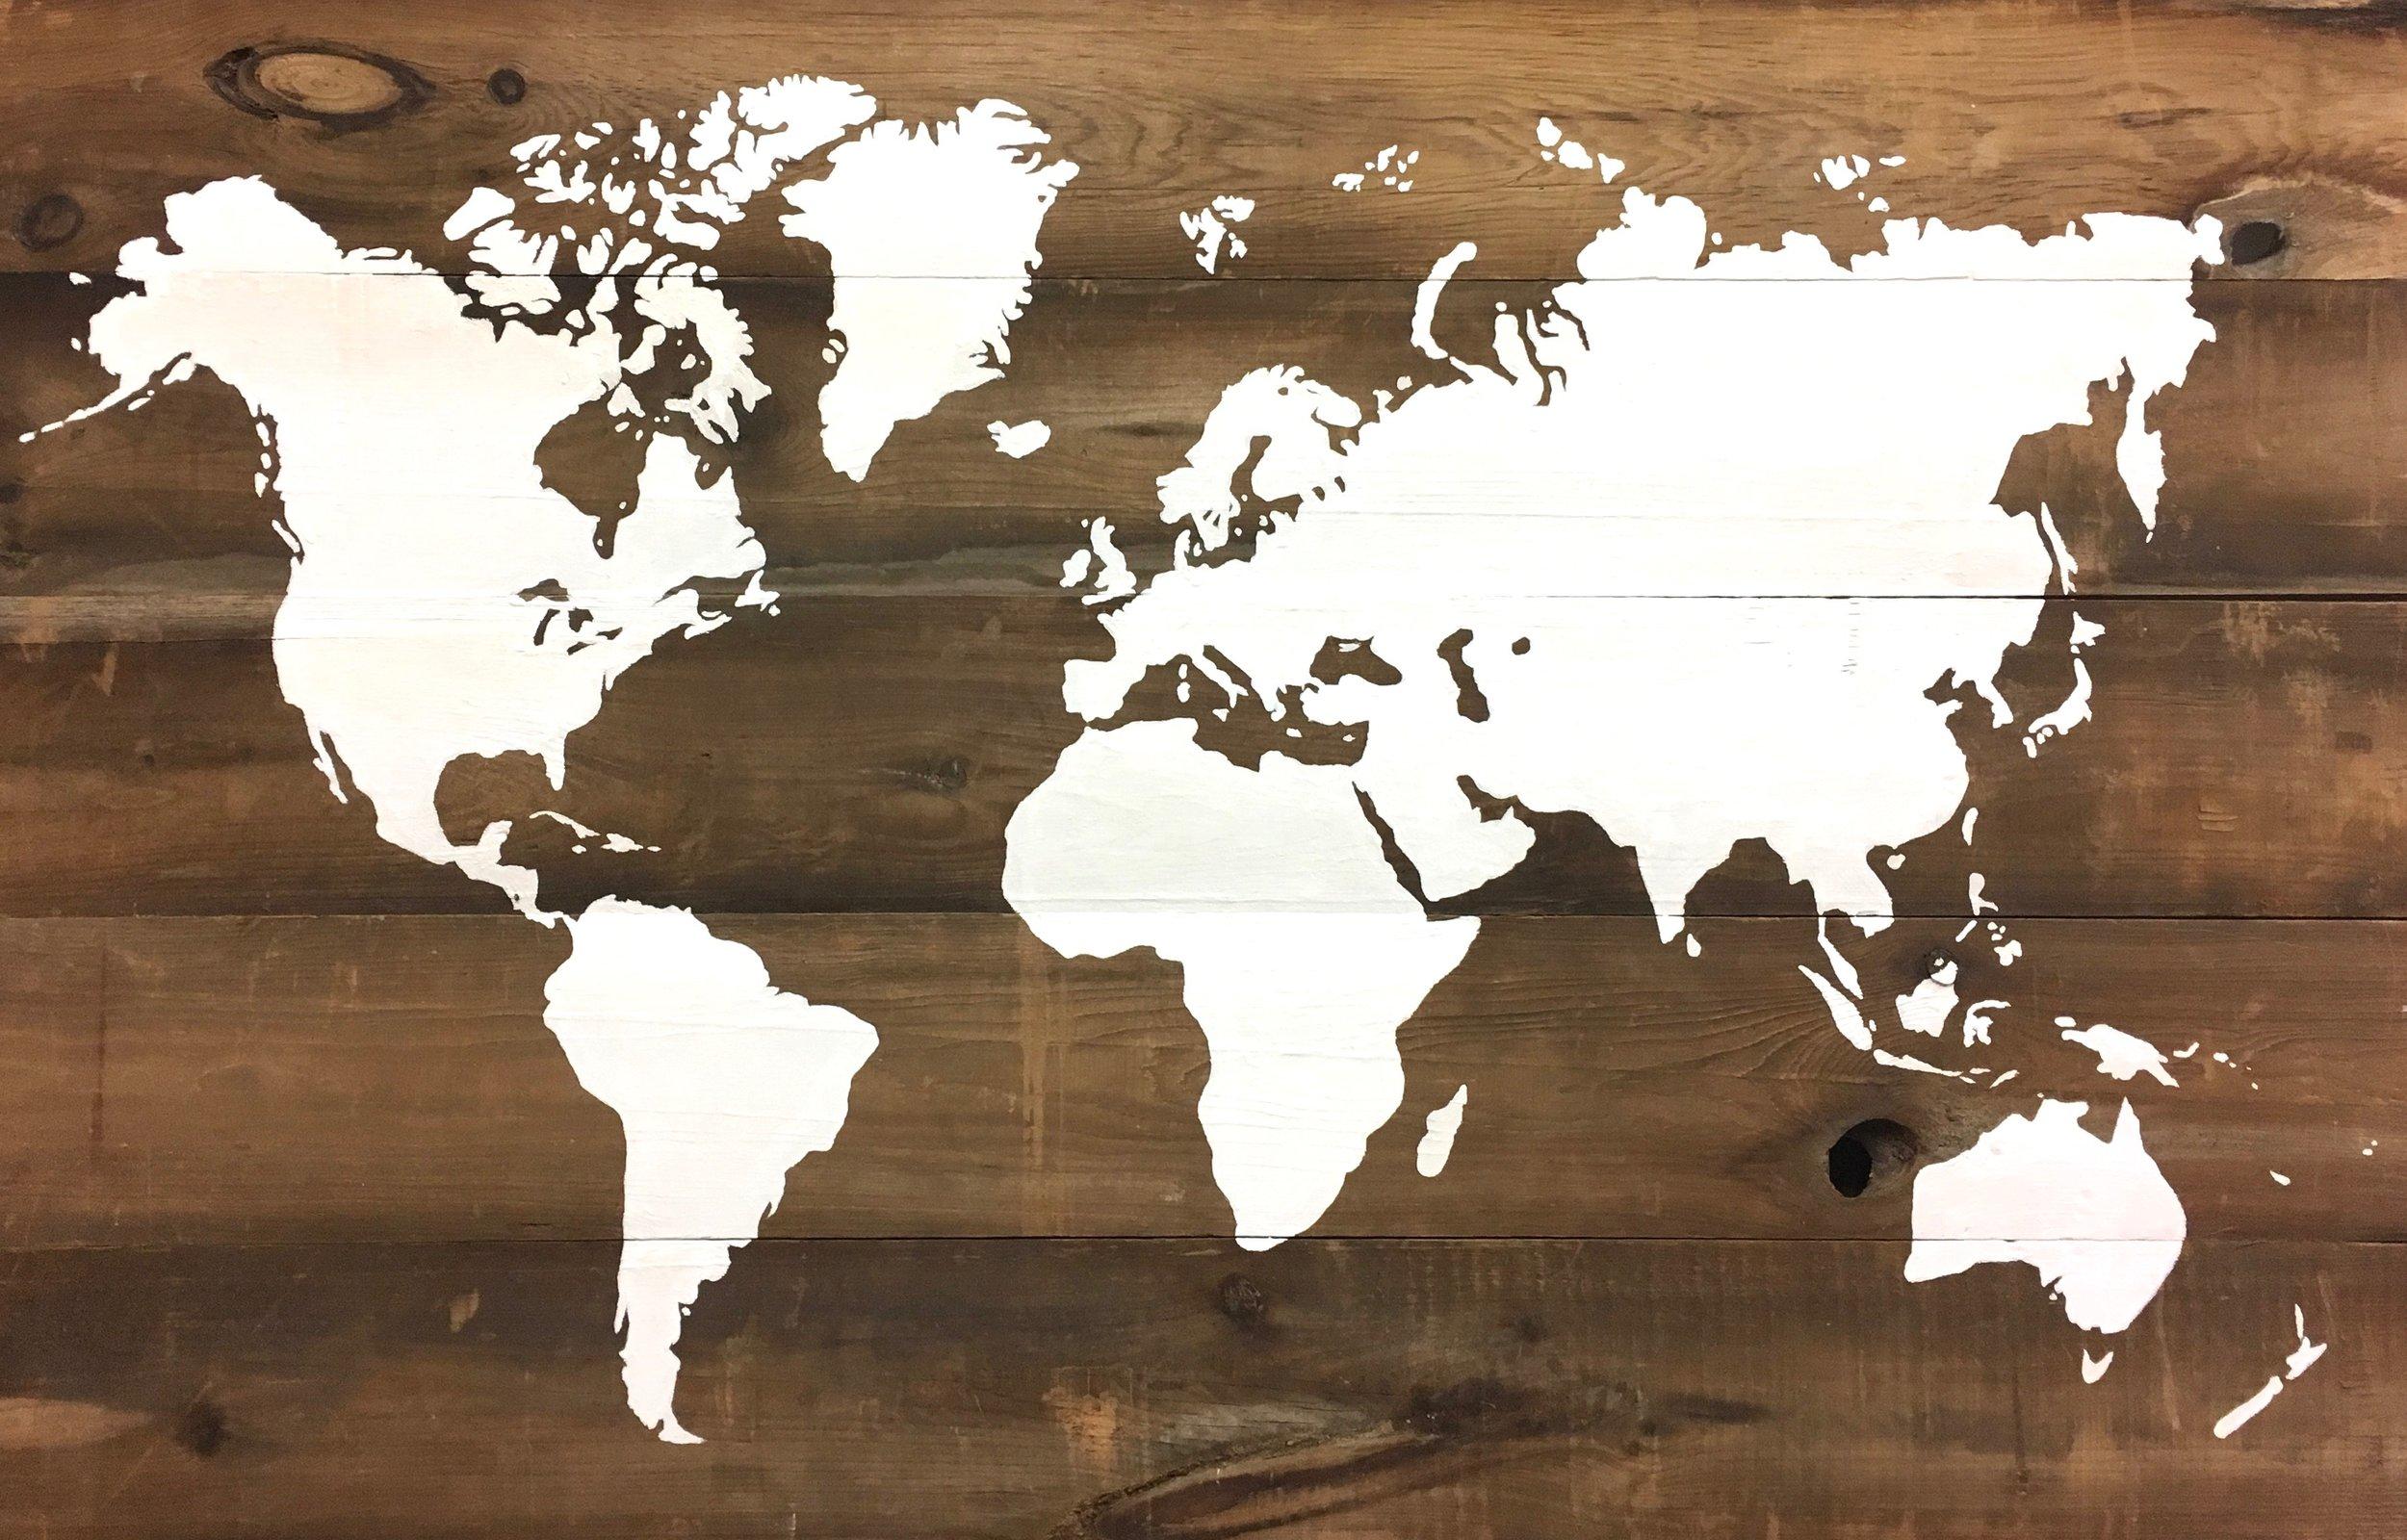 World Map on Barn Board